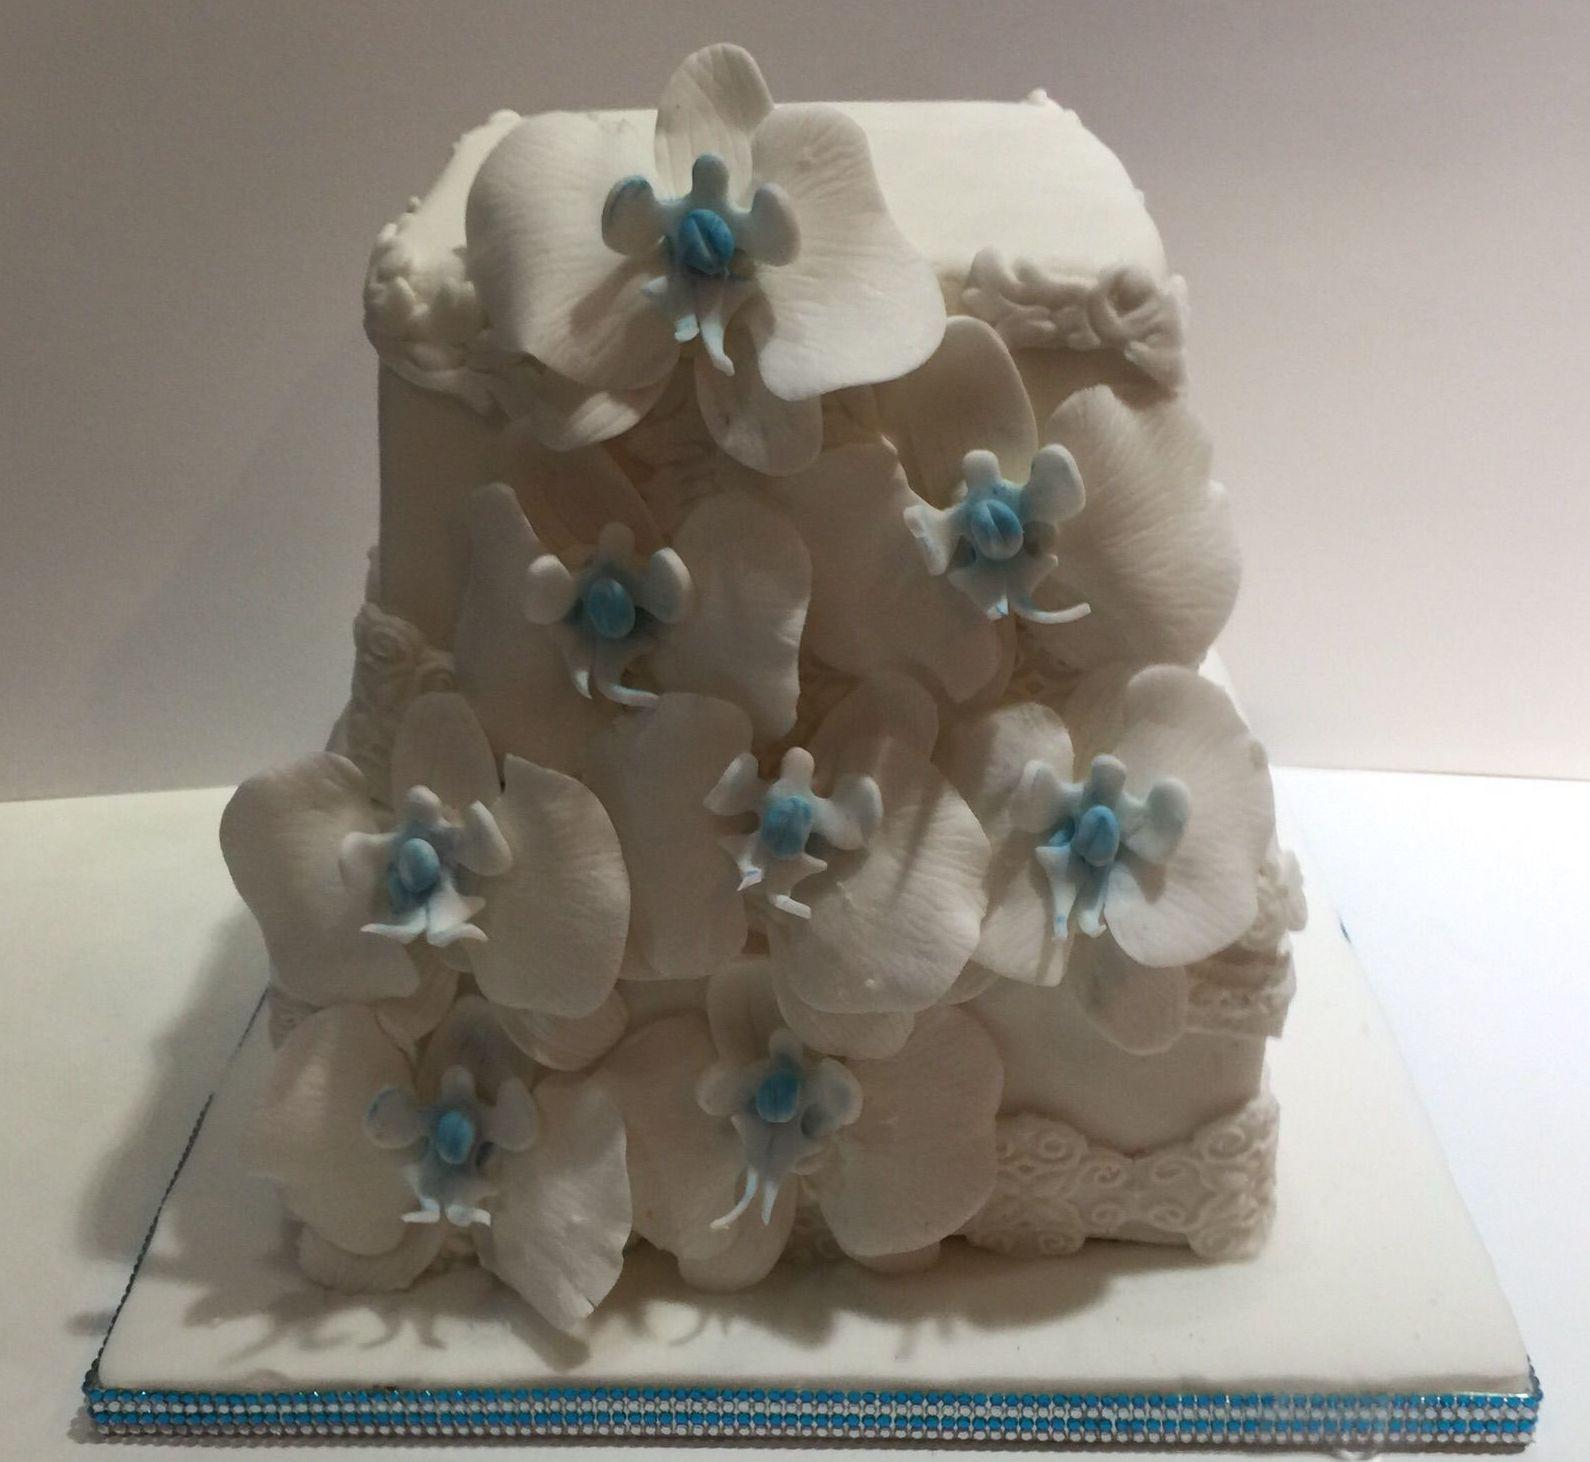 Taller de tartas de fondant en Palma de Mallorca